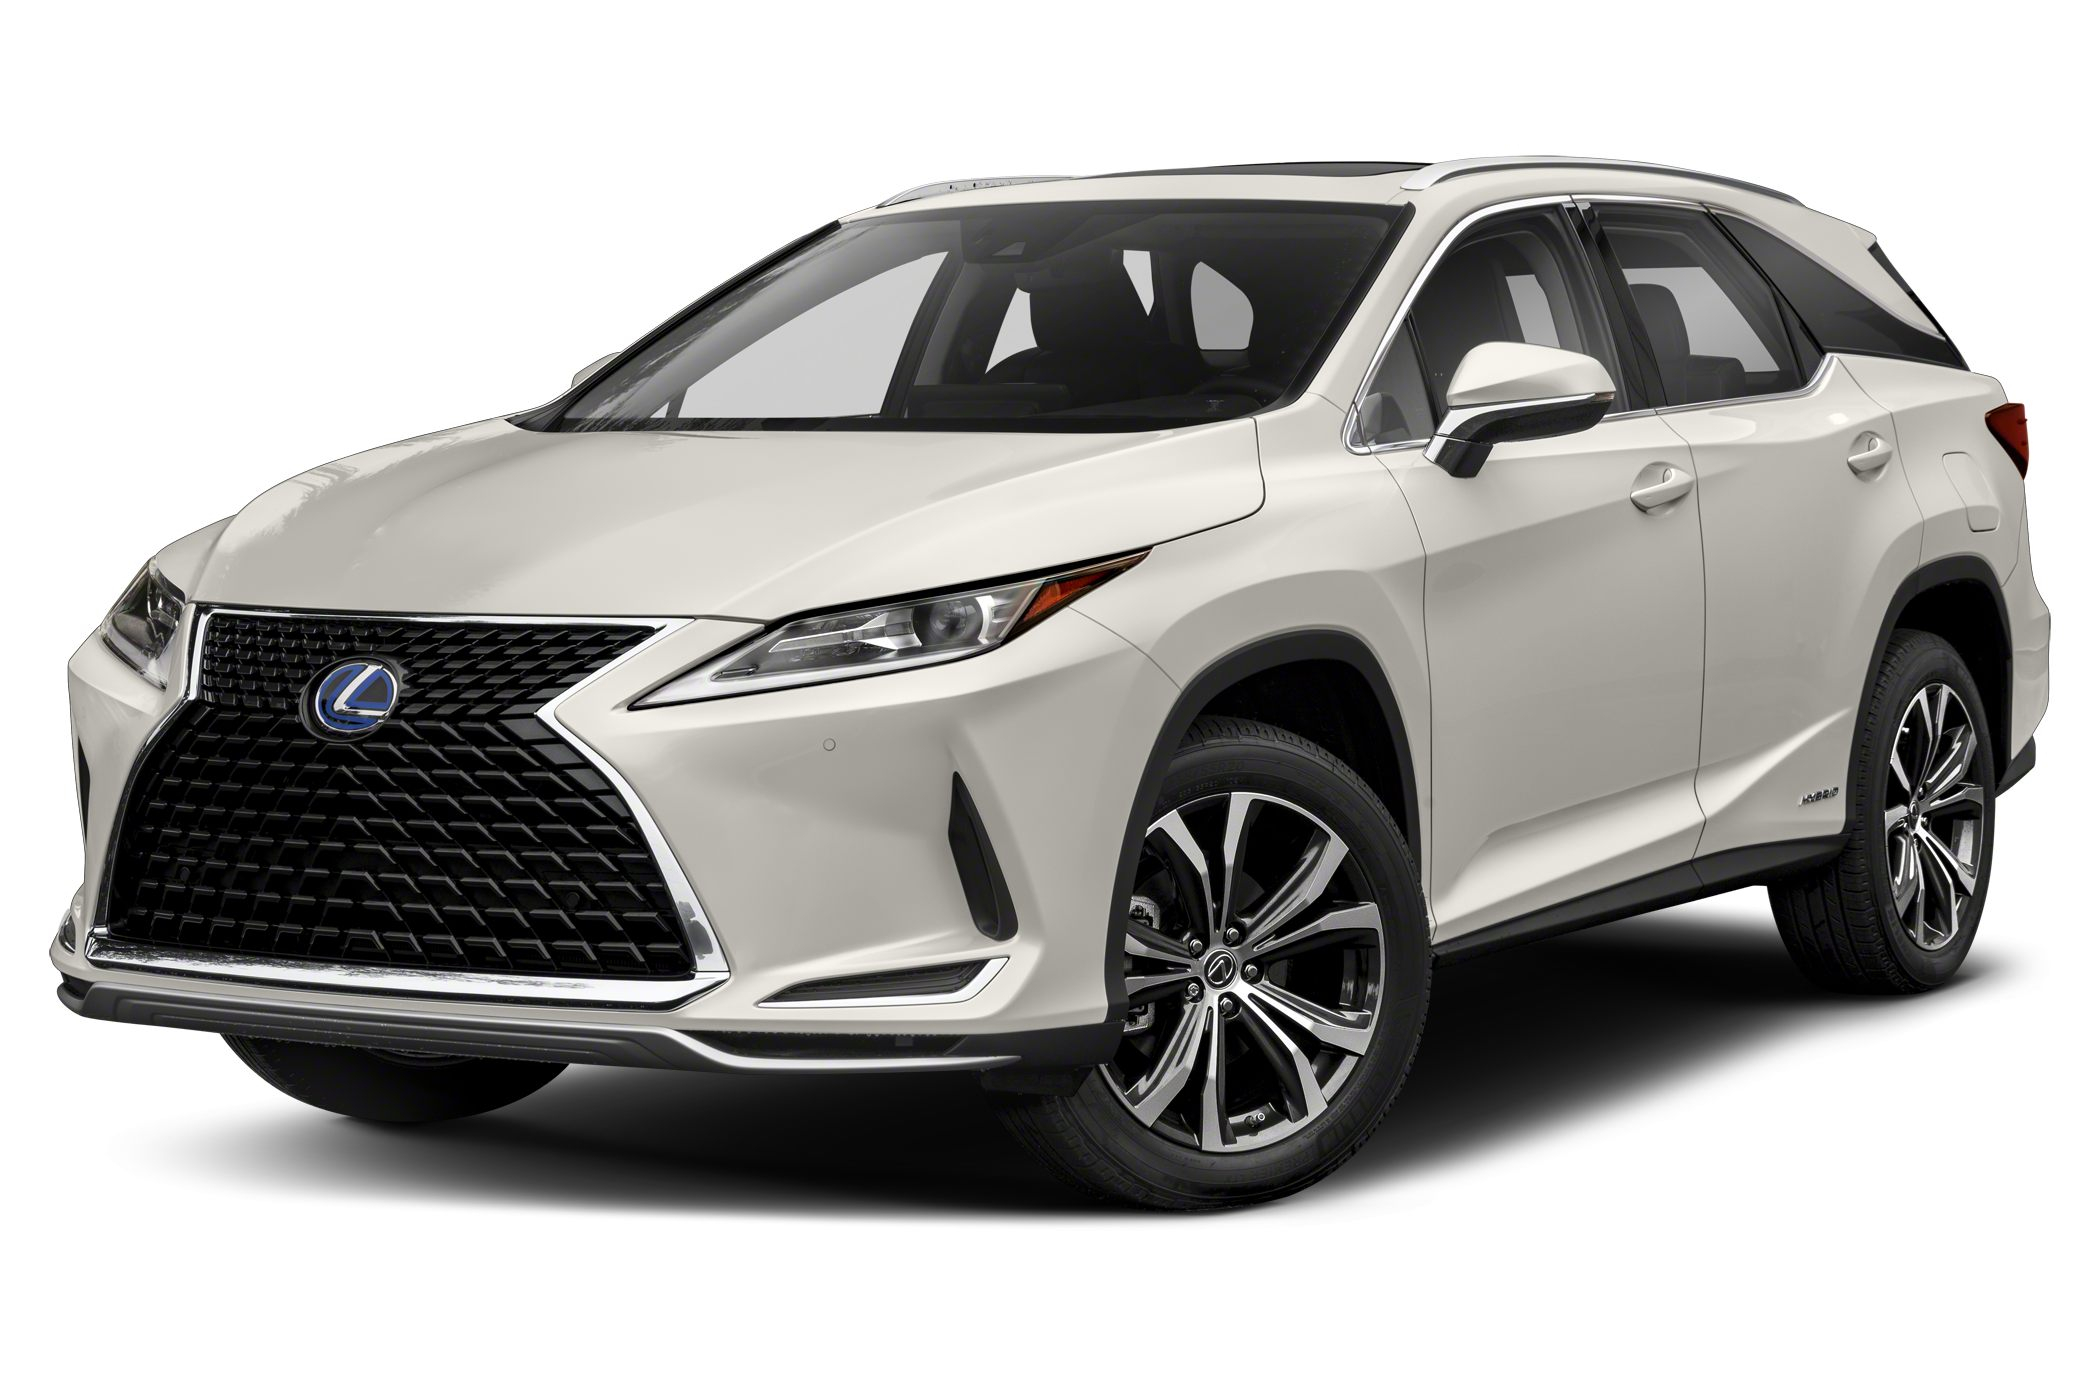 New 2021 Lexus Rx 350 Dashboard, Deals, Dealer Cost ...